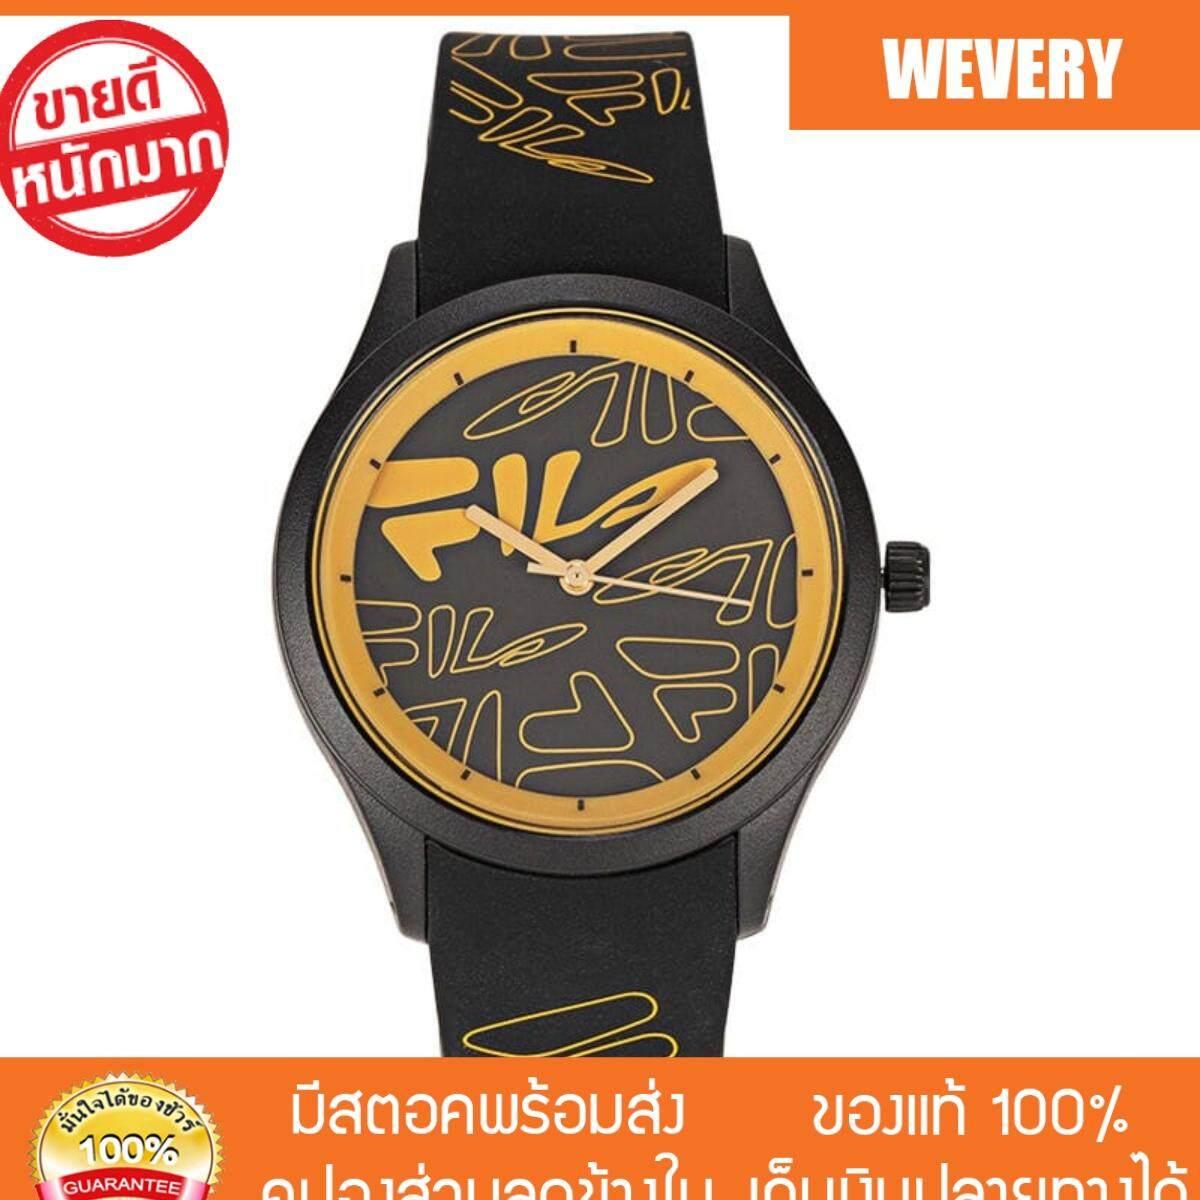 เก็บเงินปลายทางได้ [Wevery]- FILA นาฬิกาข้อมืออนาล็อก รุ่น SS19 U 38129201 สีดำ/ทอง ส่ง Kerry เก็บปลายทางได้